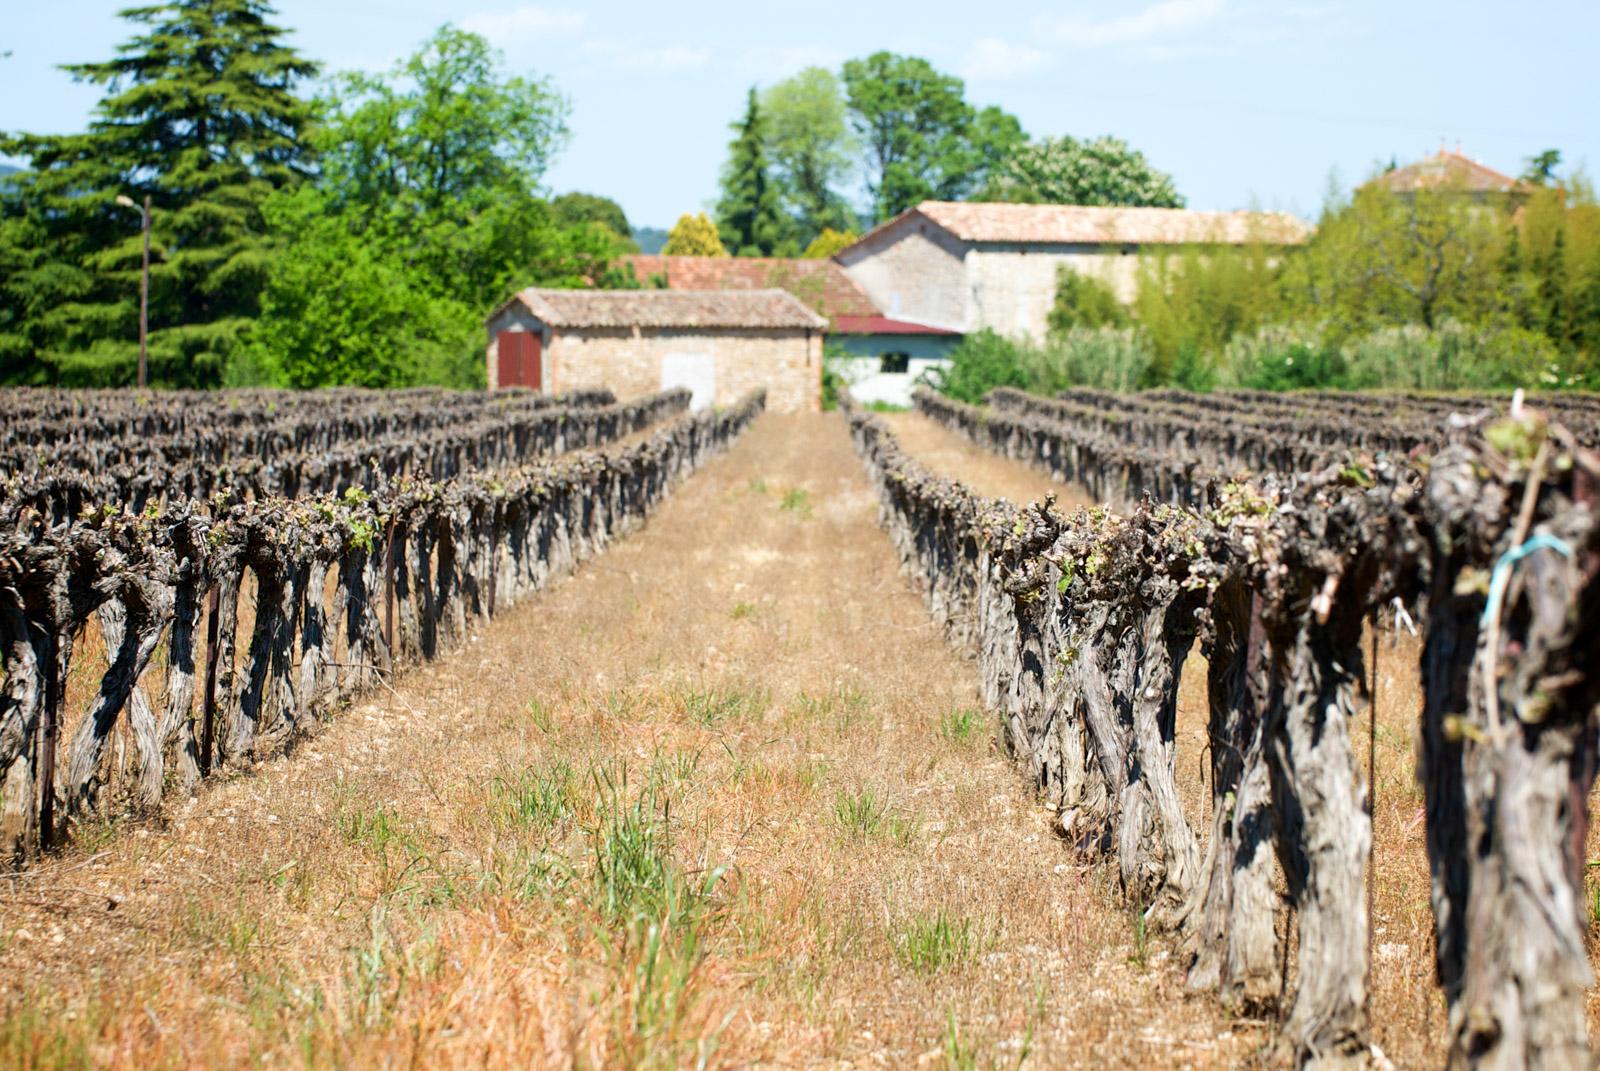 Des vignes aux environs d'Anduze